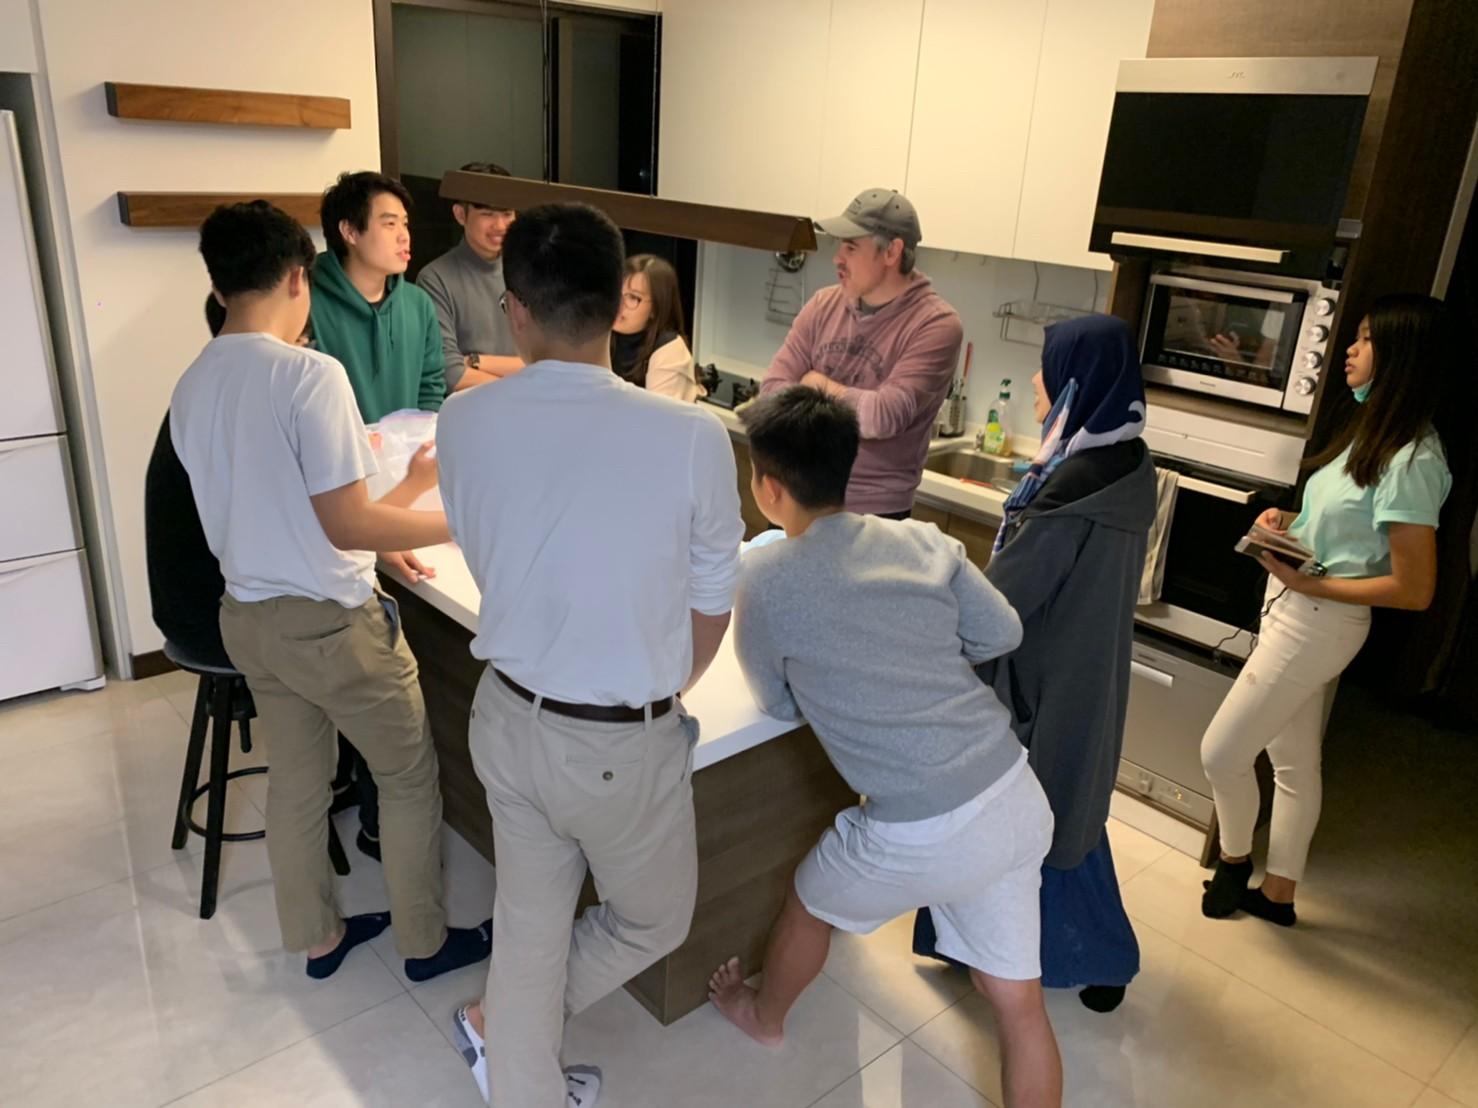 外籍生團契聚會,大家像是一家人,彼此關懷,享受家人般的溫馨感覺。.jpg